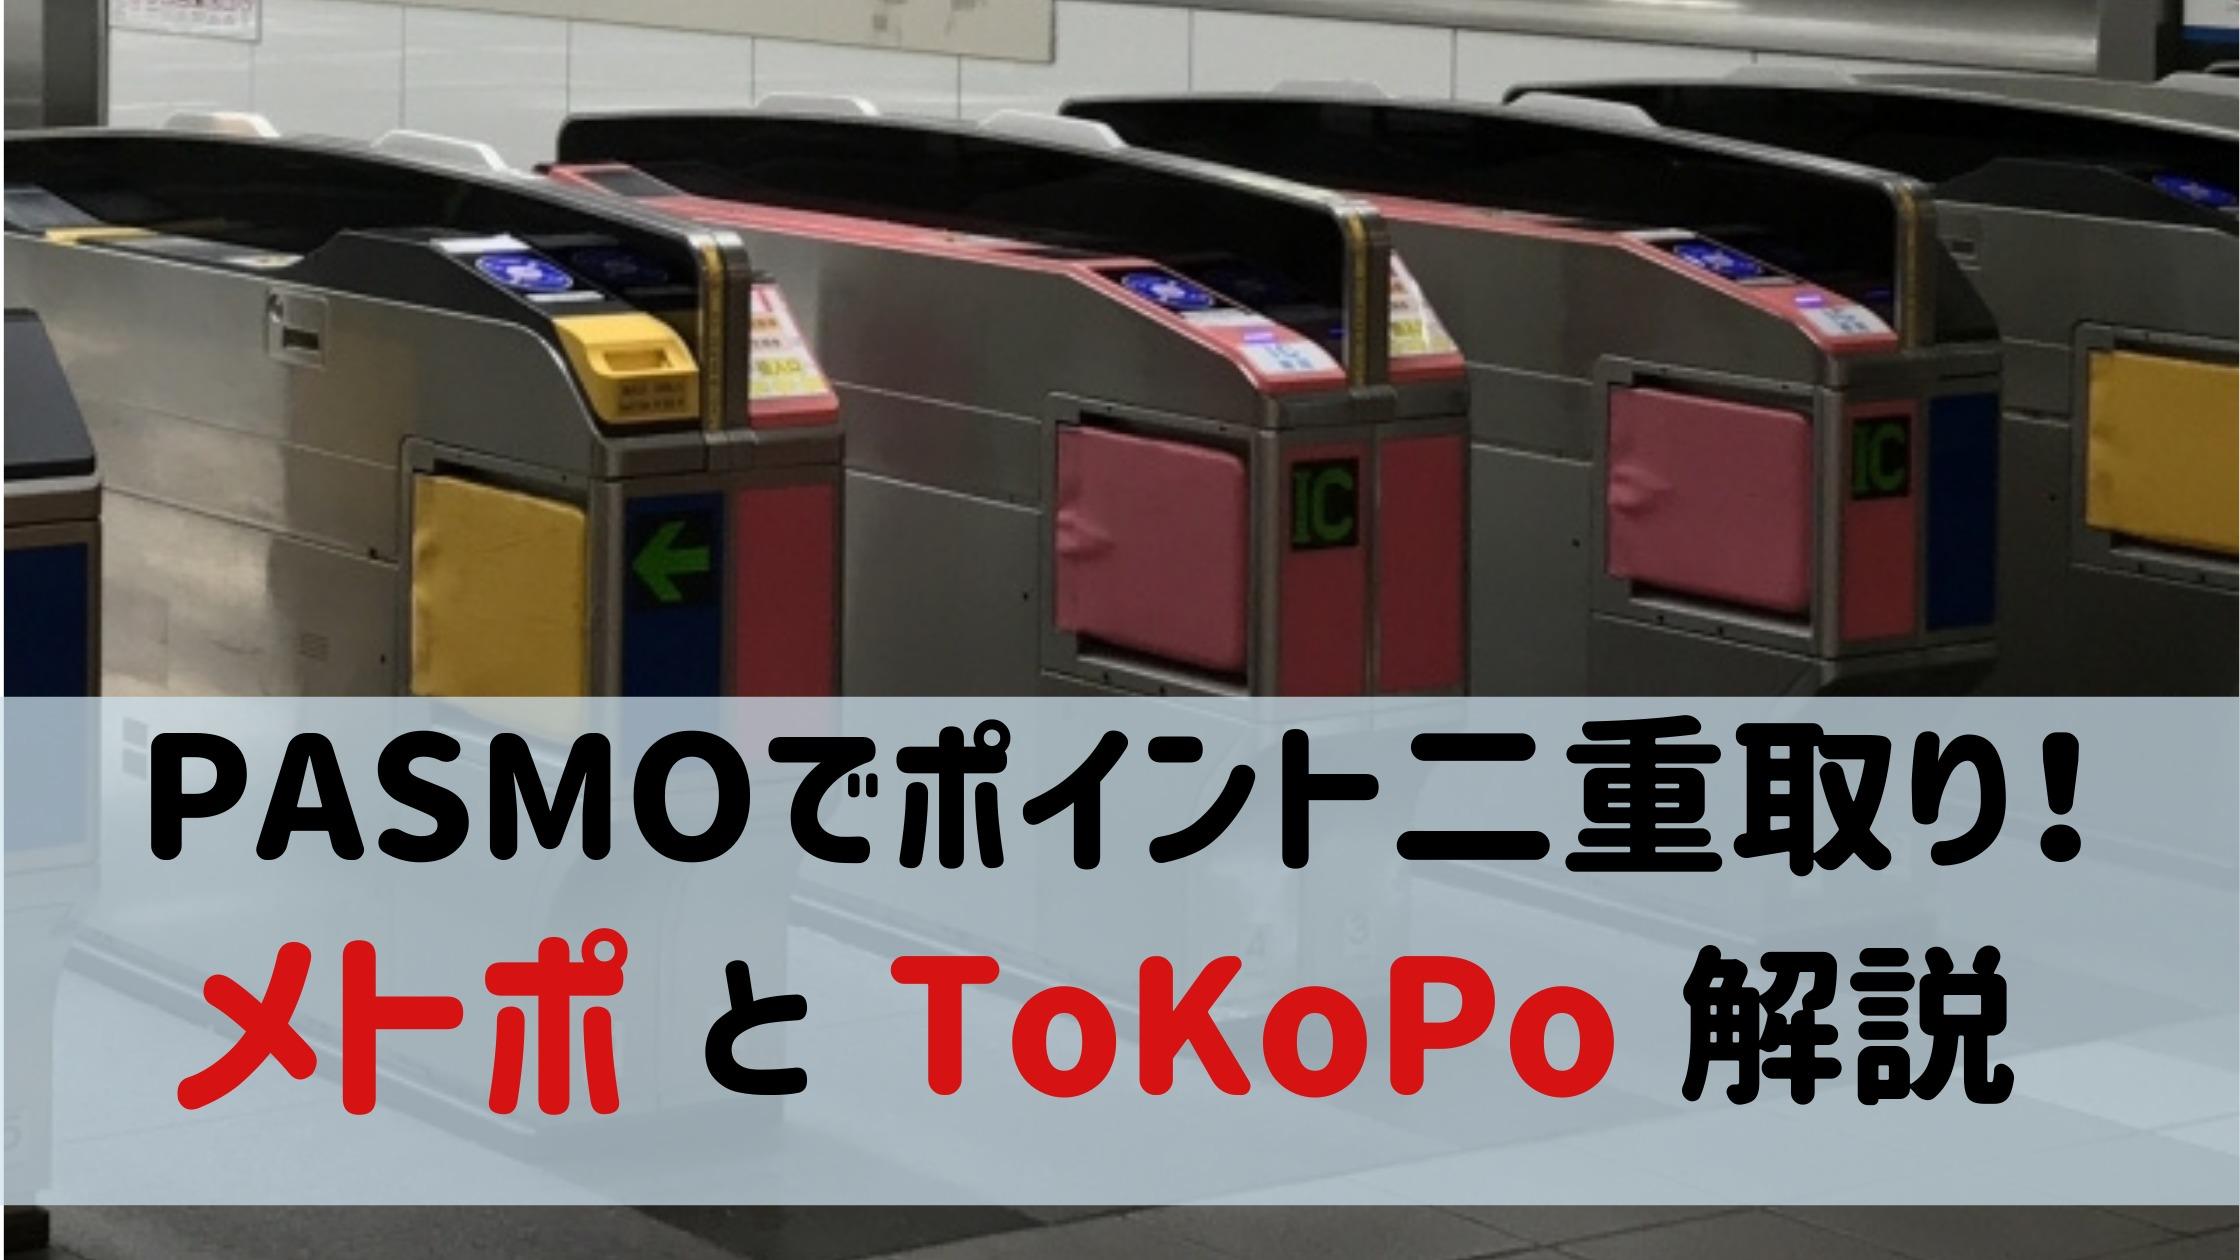 メトポ PASMO ToKoPo ポイント アイキャッチ